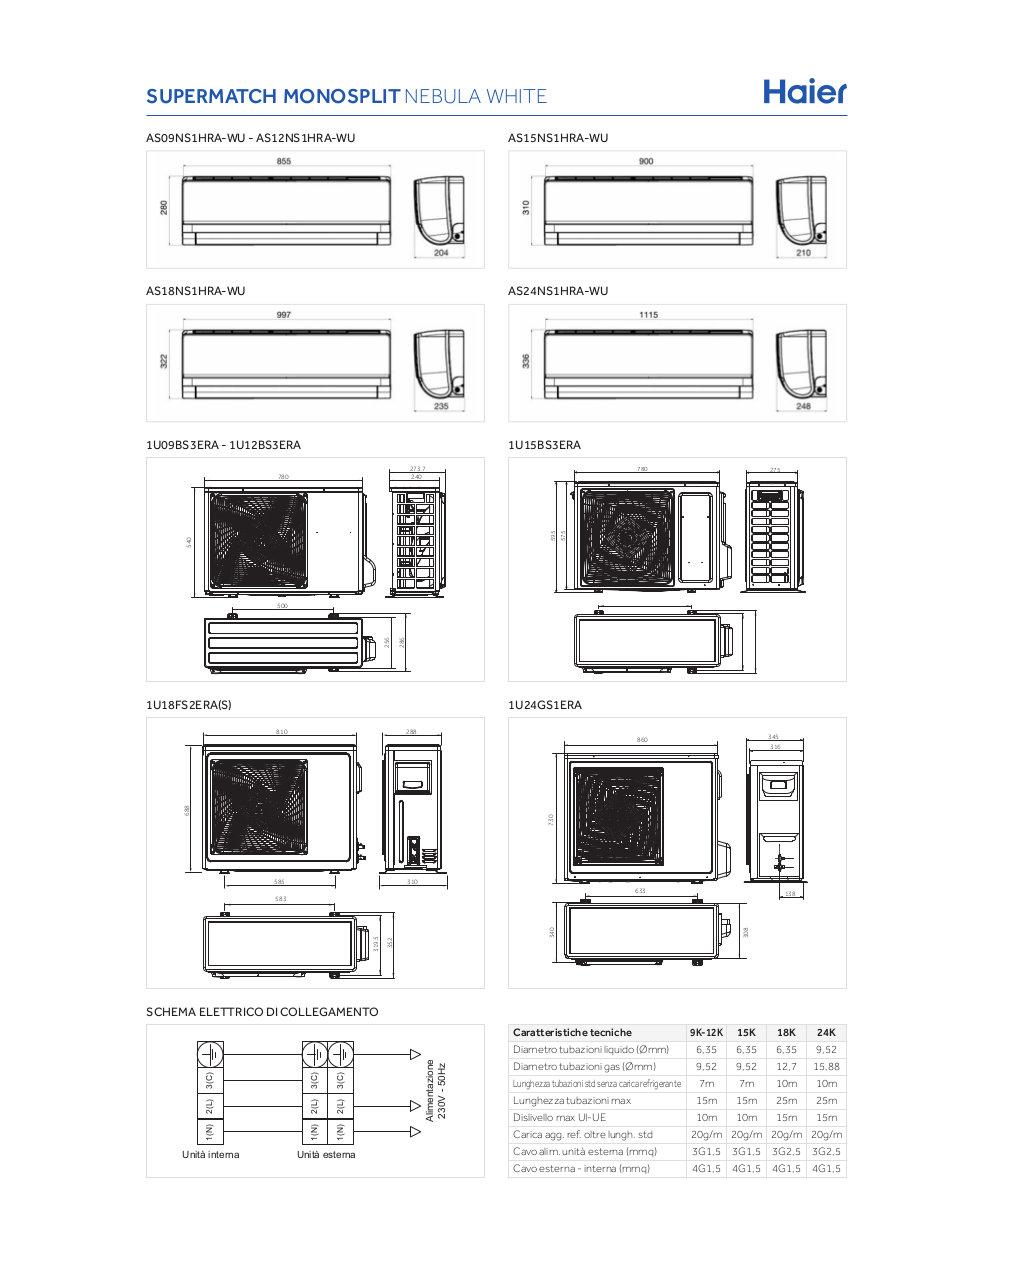 Haier Condizionatori NEBULA WHITE montaggio